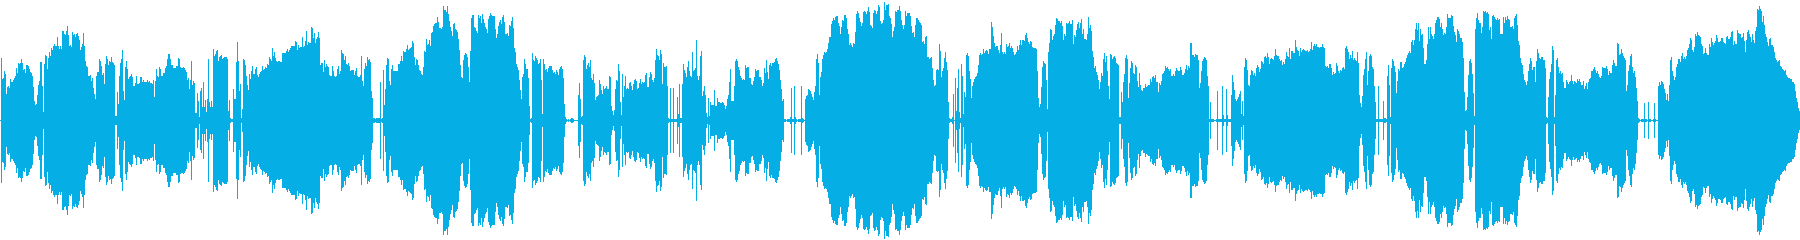 ラジオチューニング風(宇宙交信?)の再生済みの波形